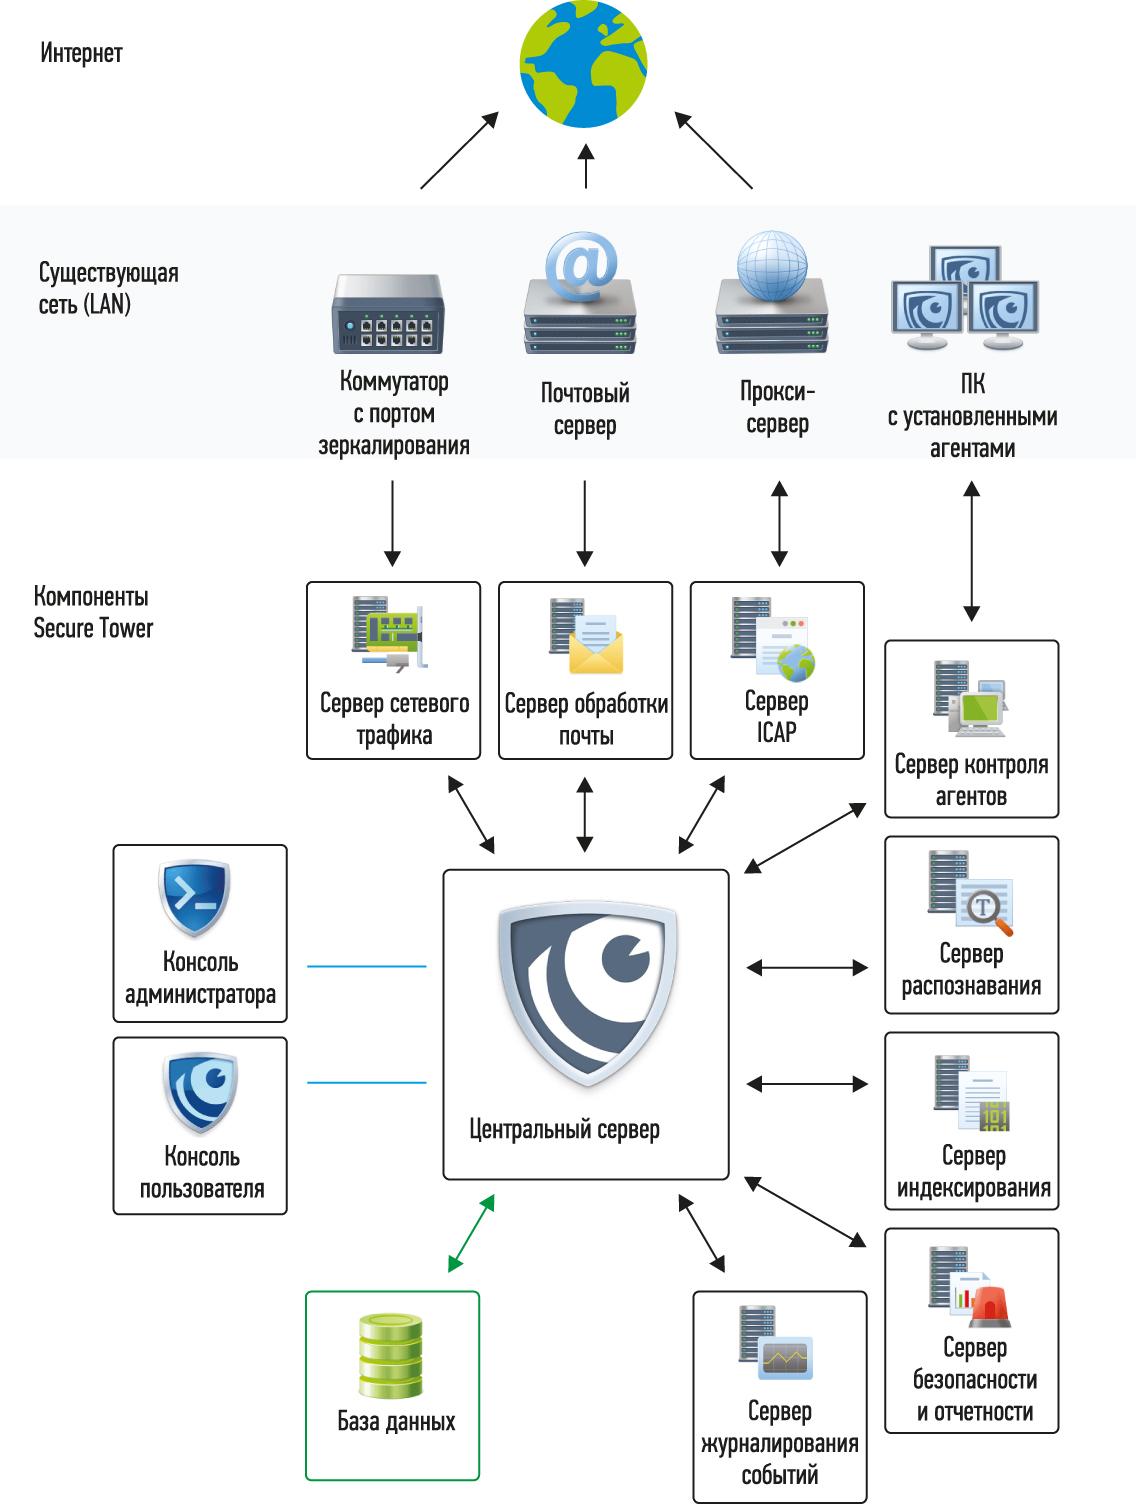 Схема внедрения SecureTower